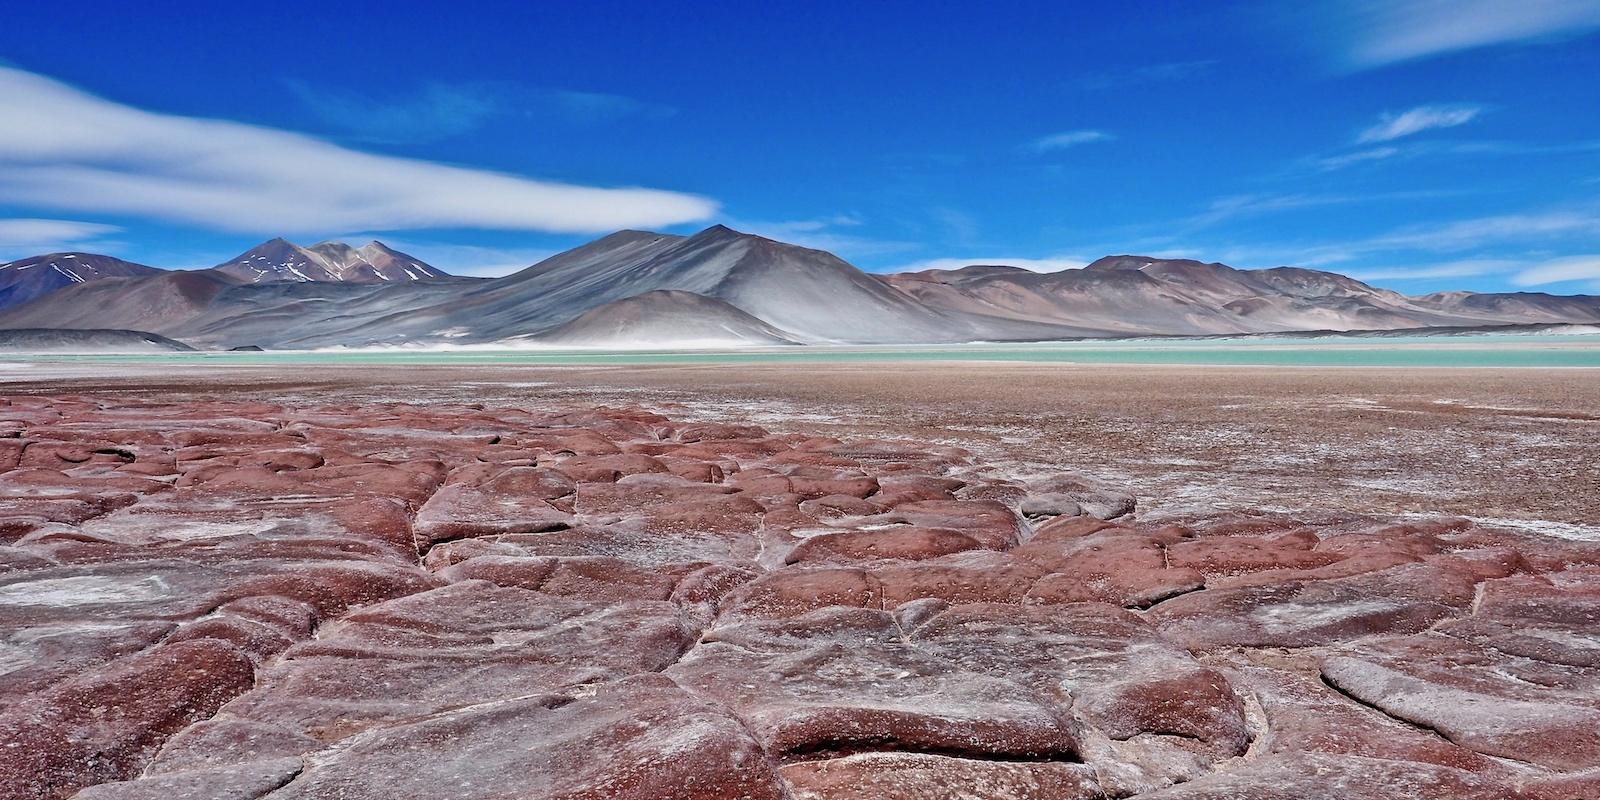 Il deserto di Atacama dove l'acqua non c'è